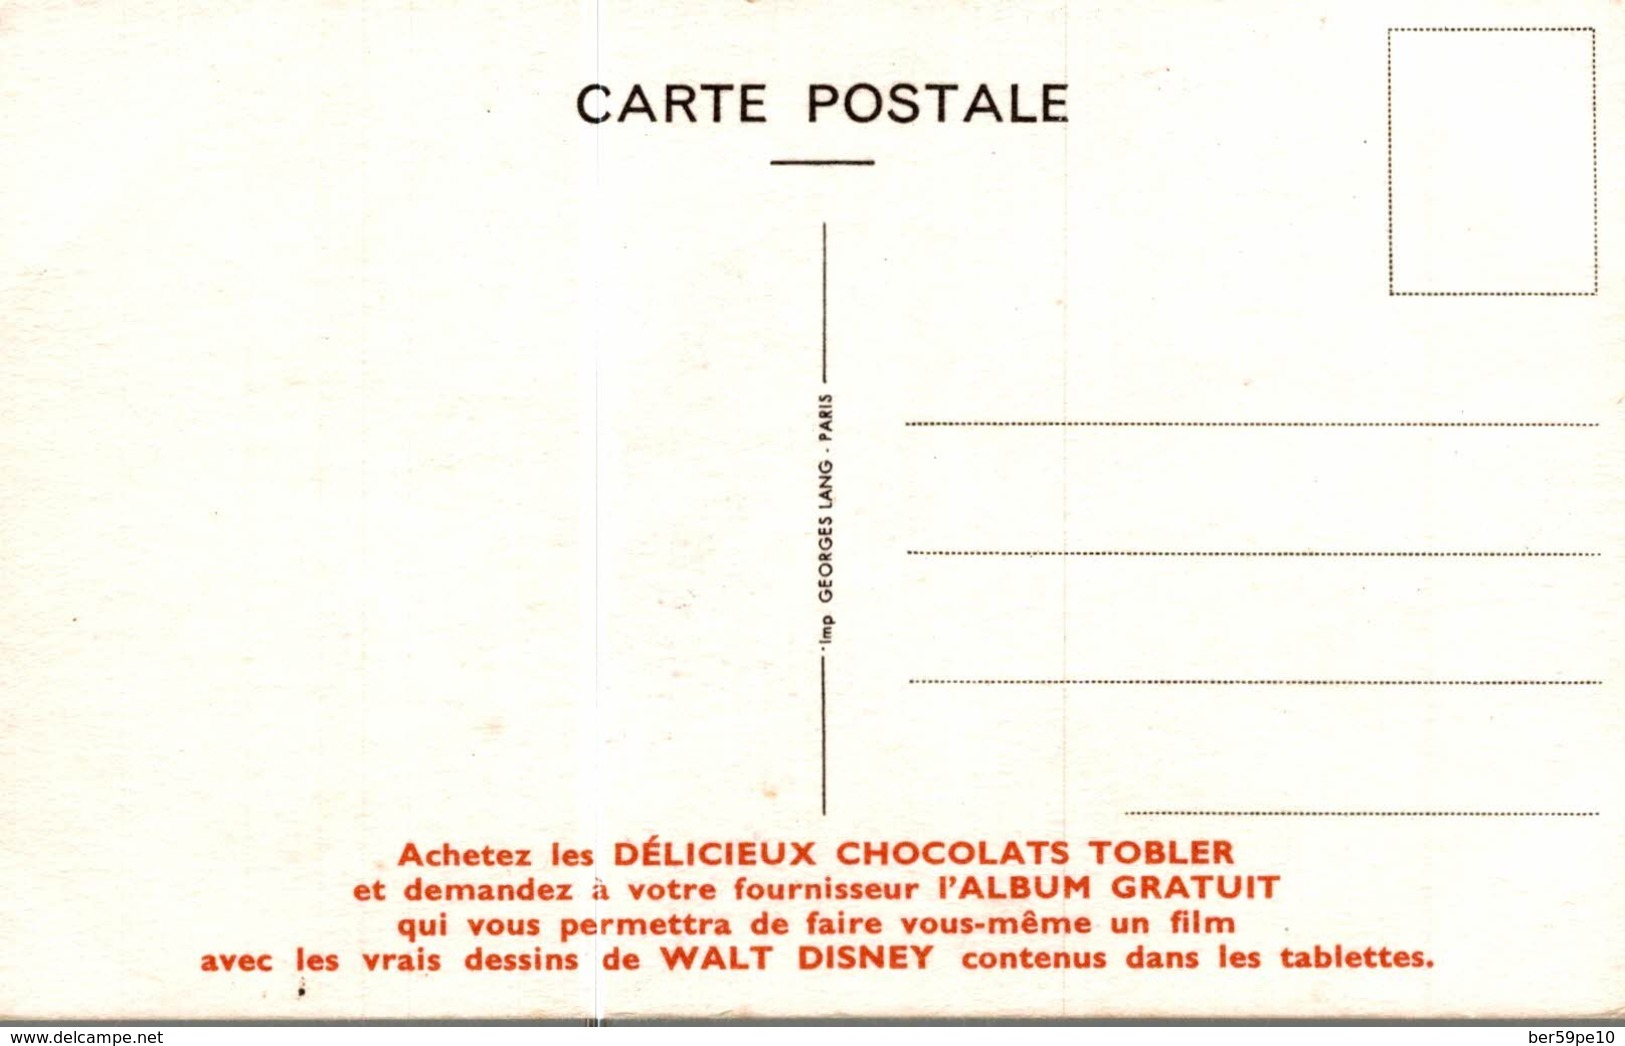 CARTE POSTALE PUBLICITAIRE CHOCOLATS TOBLER WALT-DISNEY  PROF - Autres